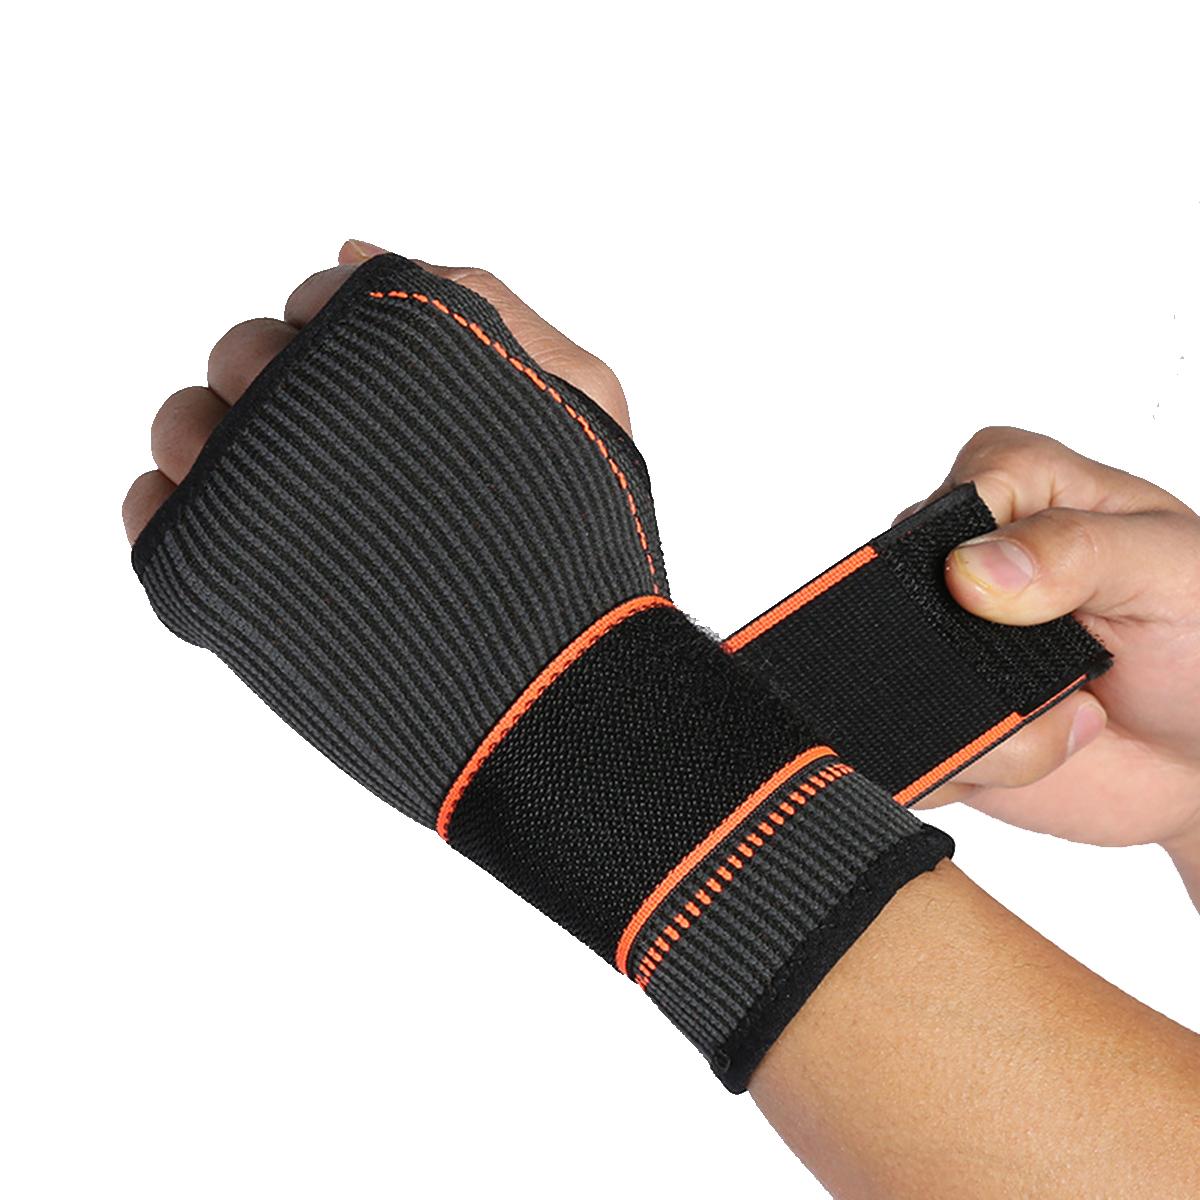 1PcРегулируемаязапястьеПоддержкаКемпингСпортивная ручка Palm Brace Strap Wraps Рука предотвращает растяжения